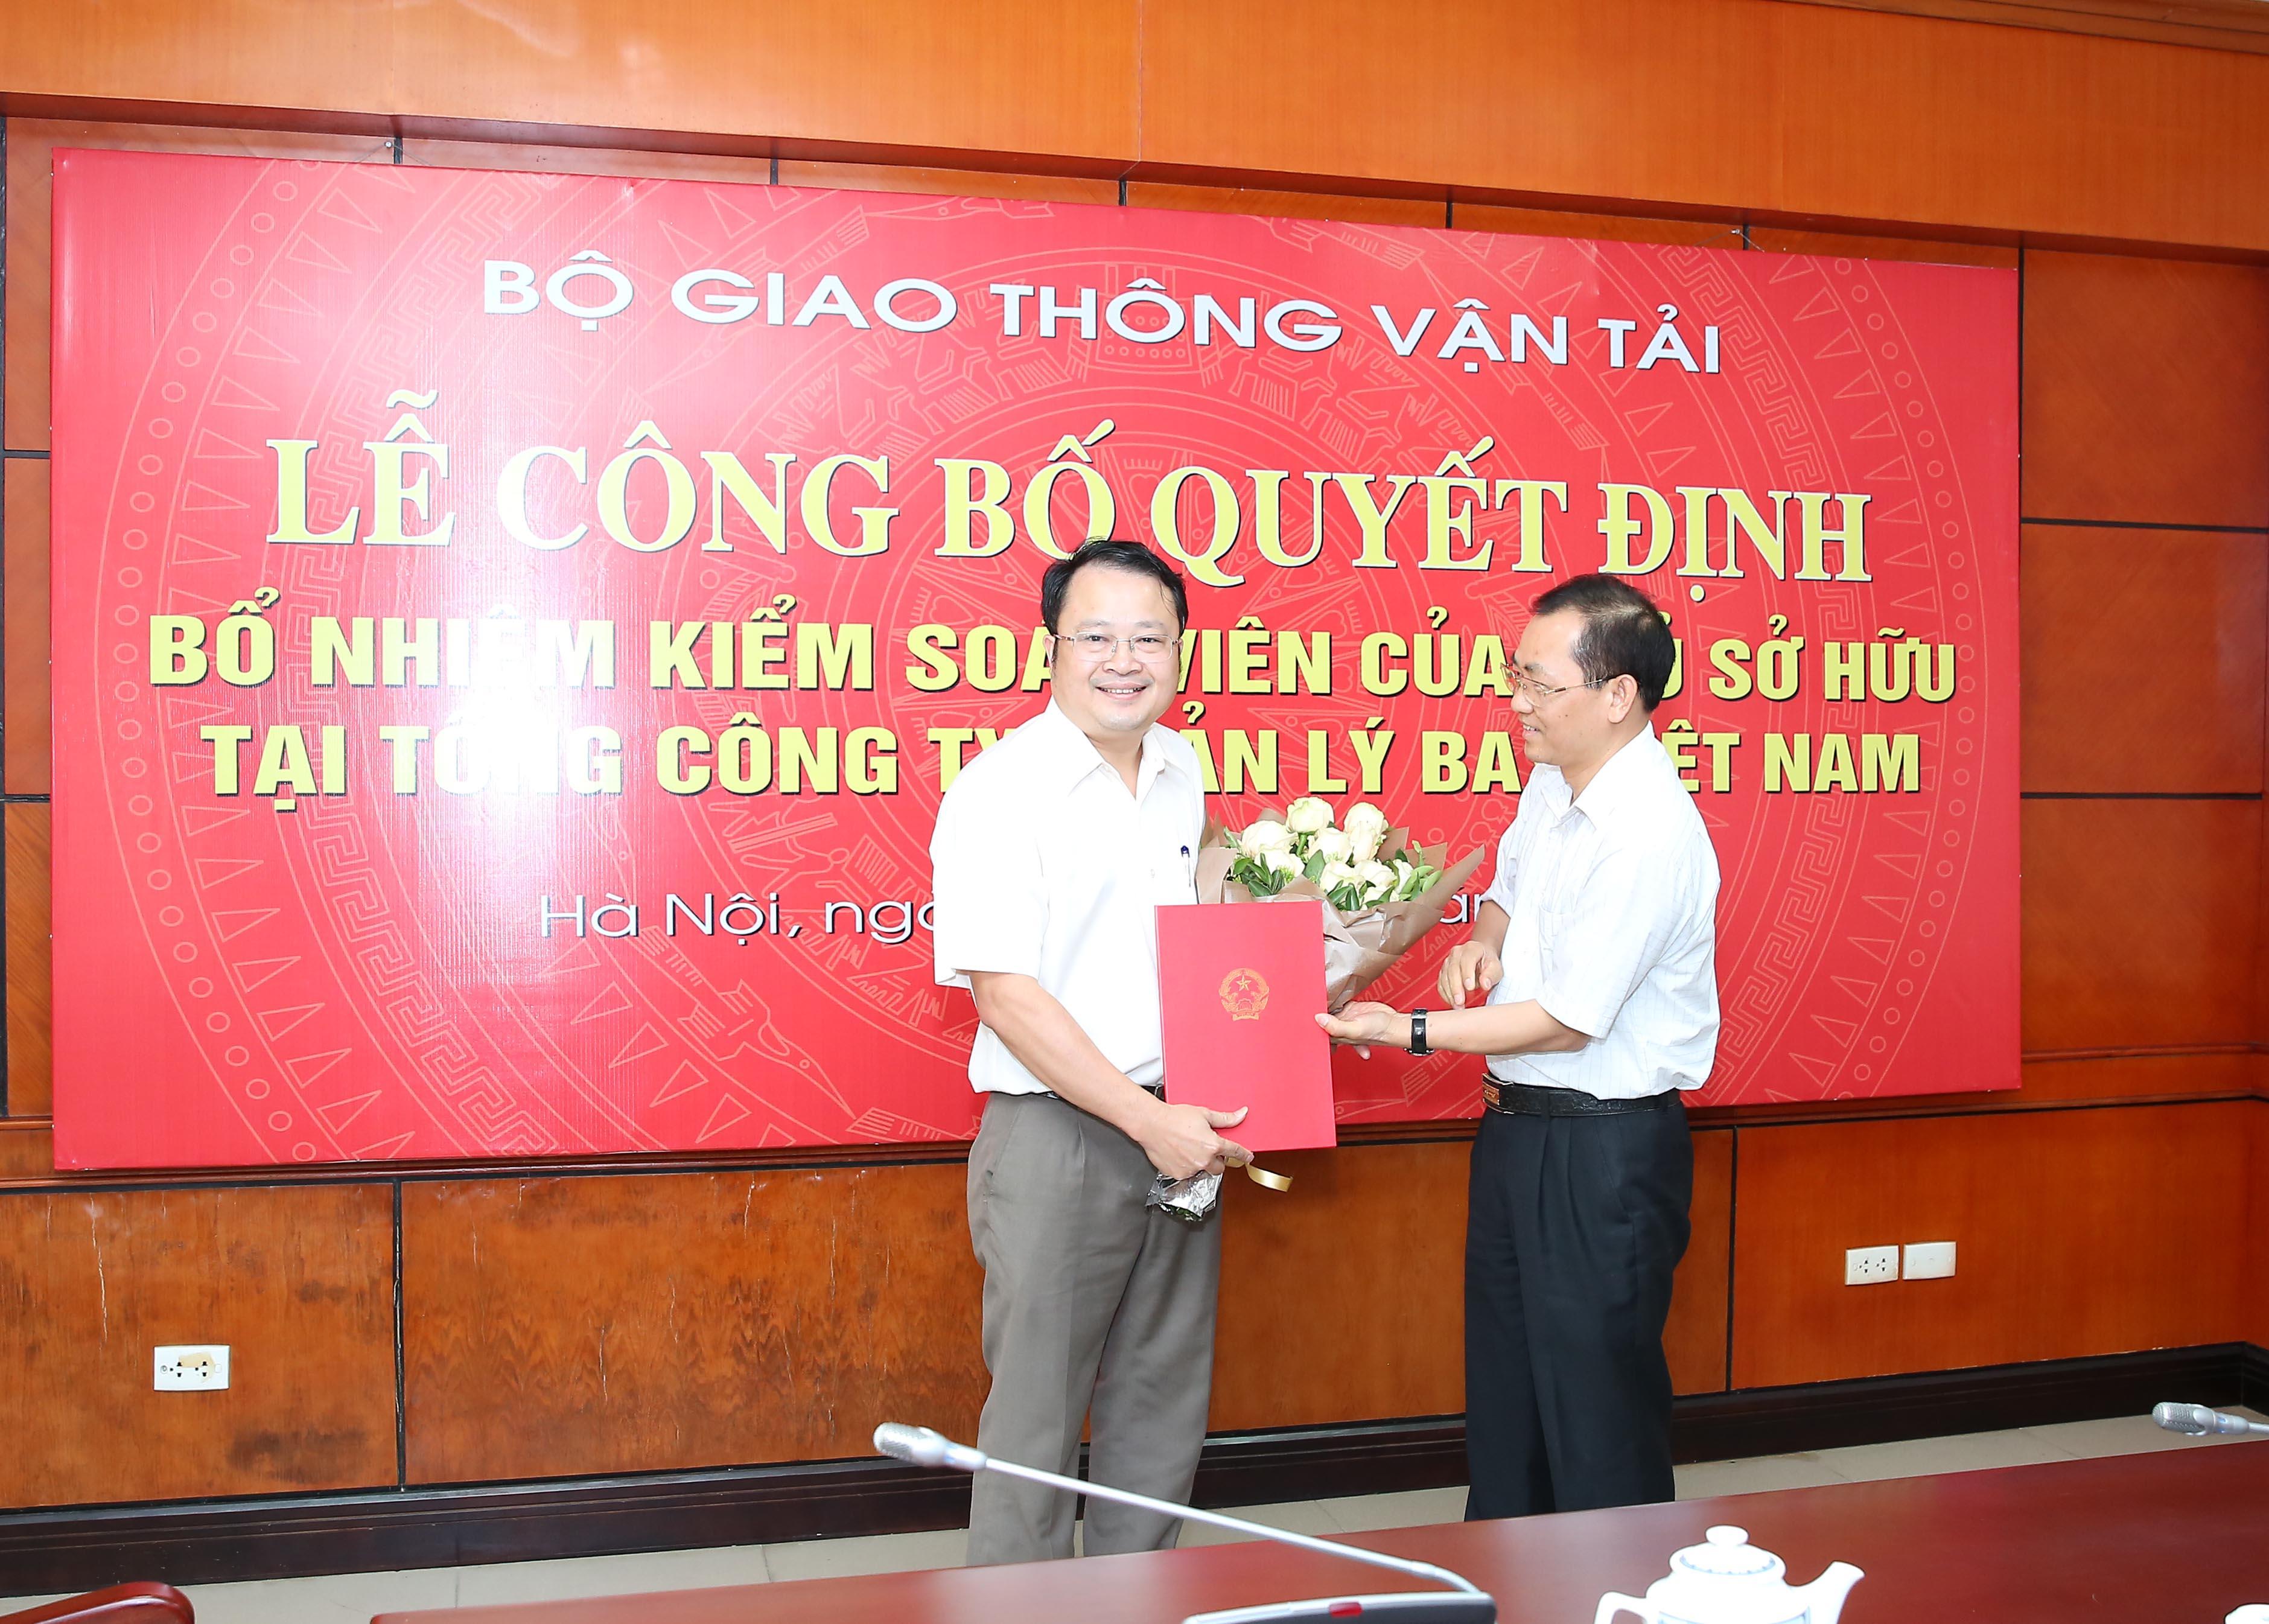 Lễ công bố Quyết định bổ nhiệm Kiểm soát viên chuyên trách Tổng công ty Quản lý bay Việt Nam